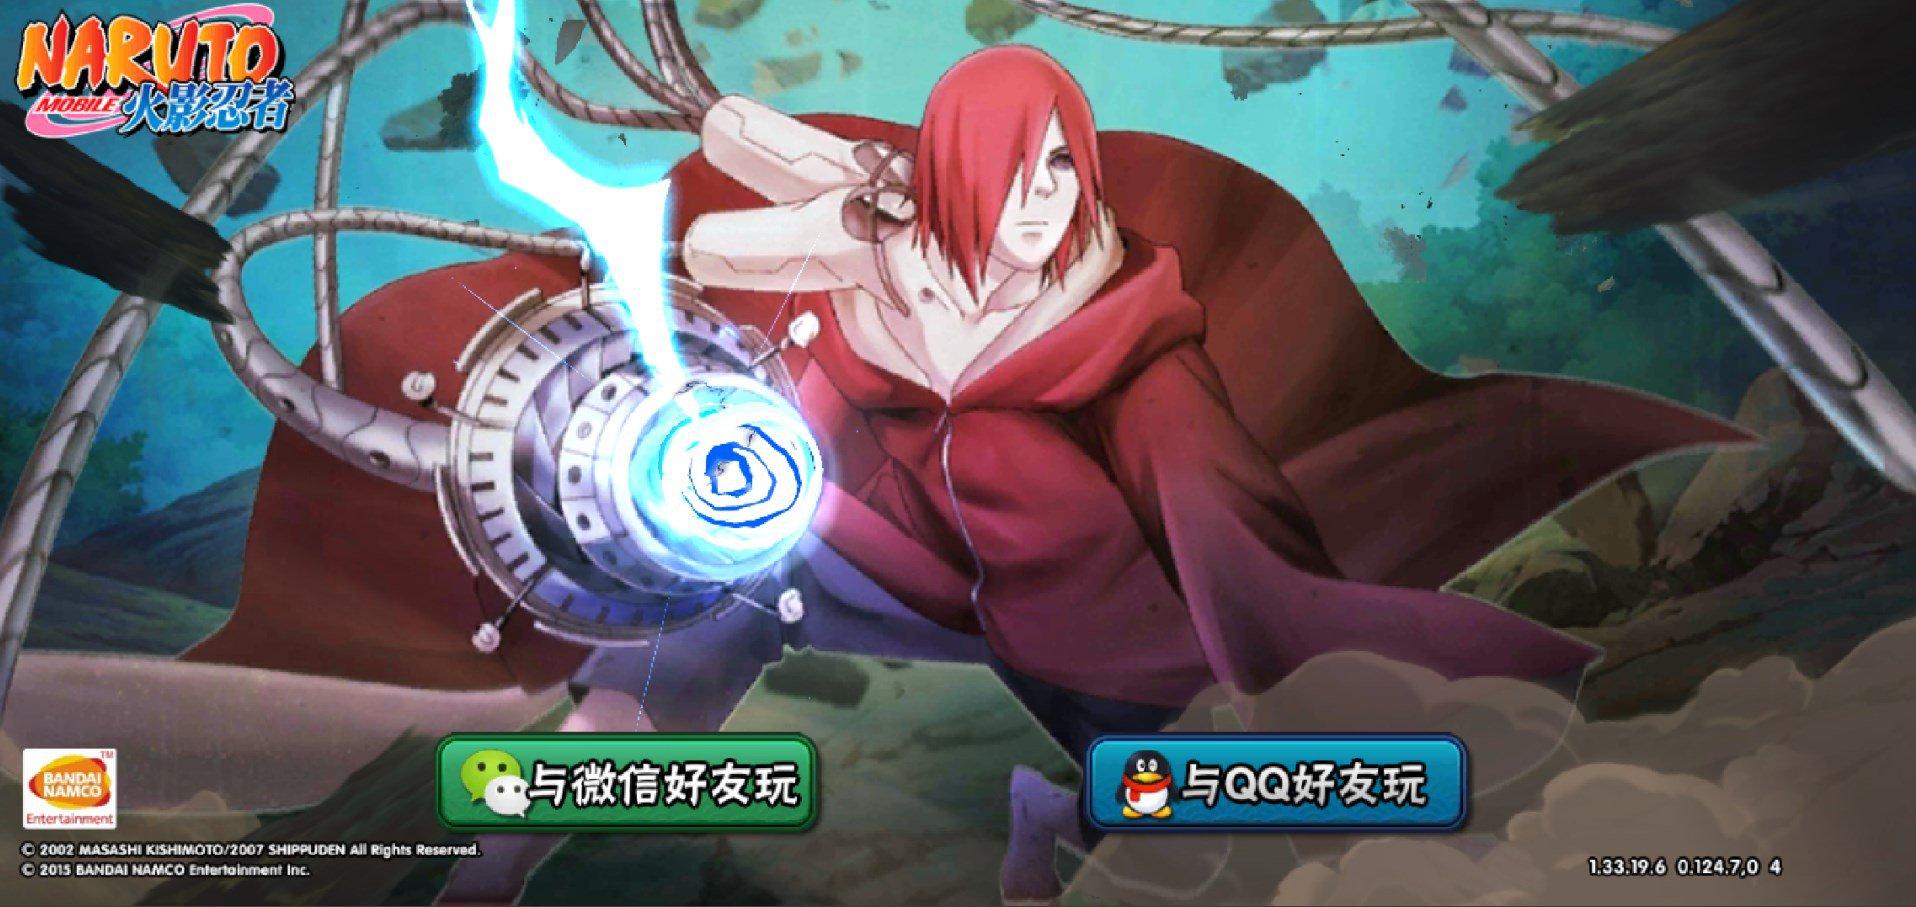 Naruto Mobile 1.36.28.6 - Télécharger Pour Android Apk serapportantà Jeux Gratuit Pour Portable